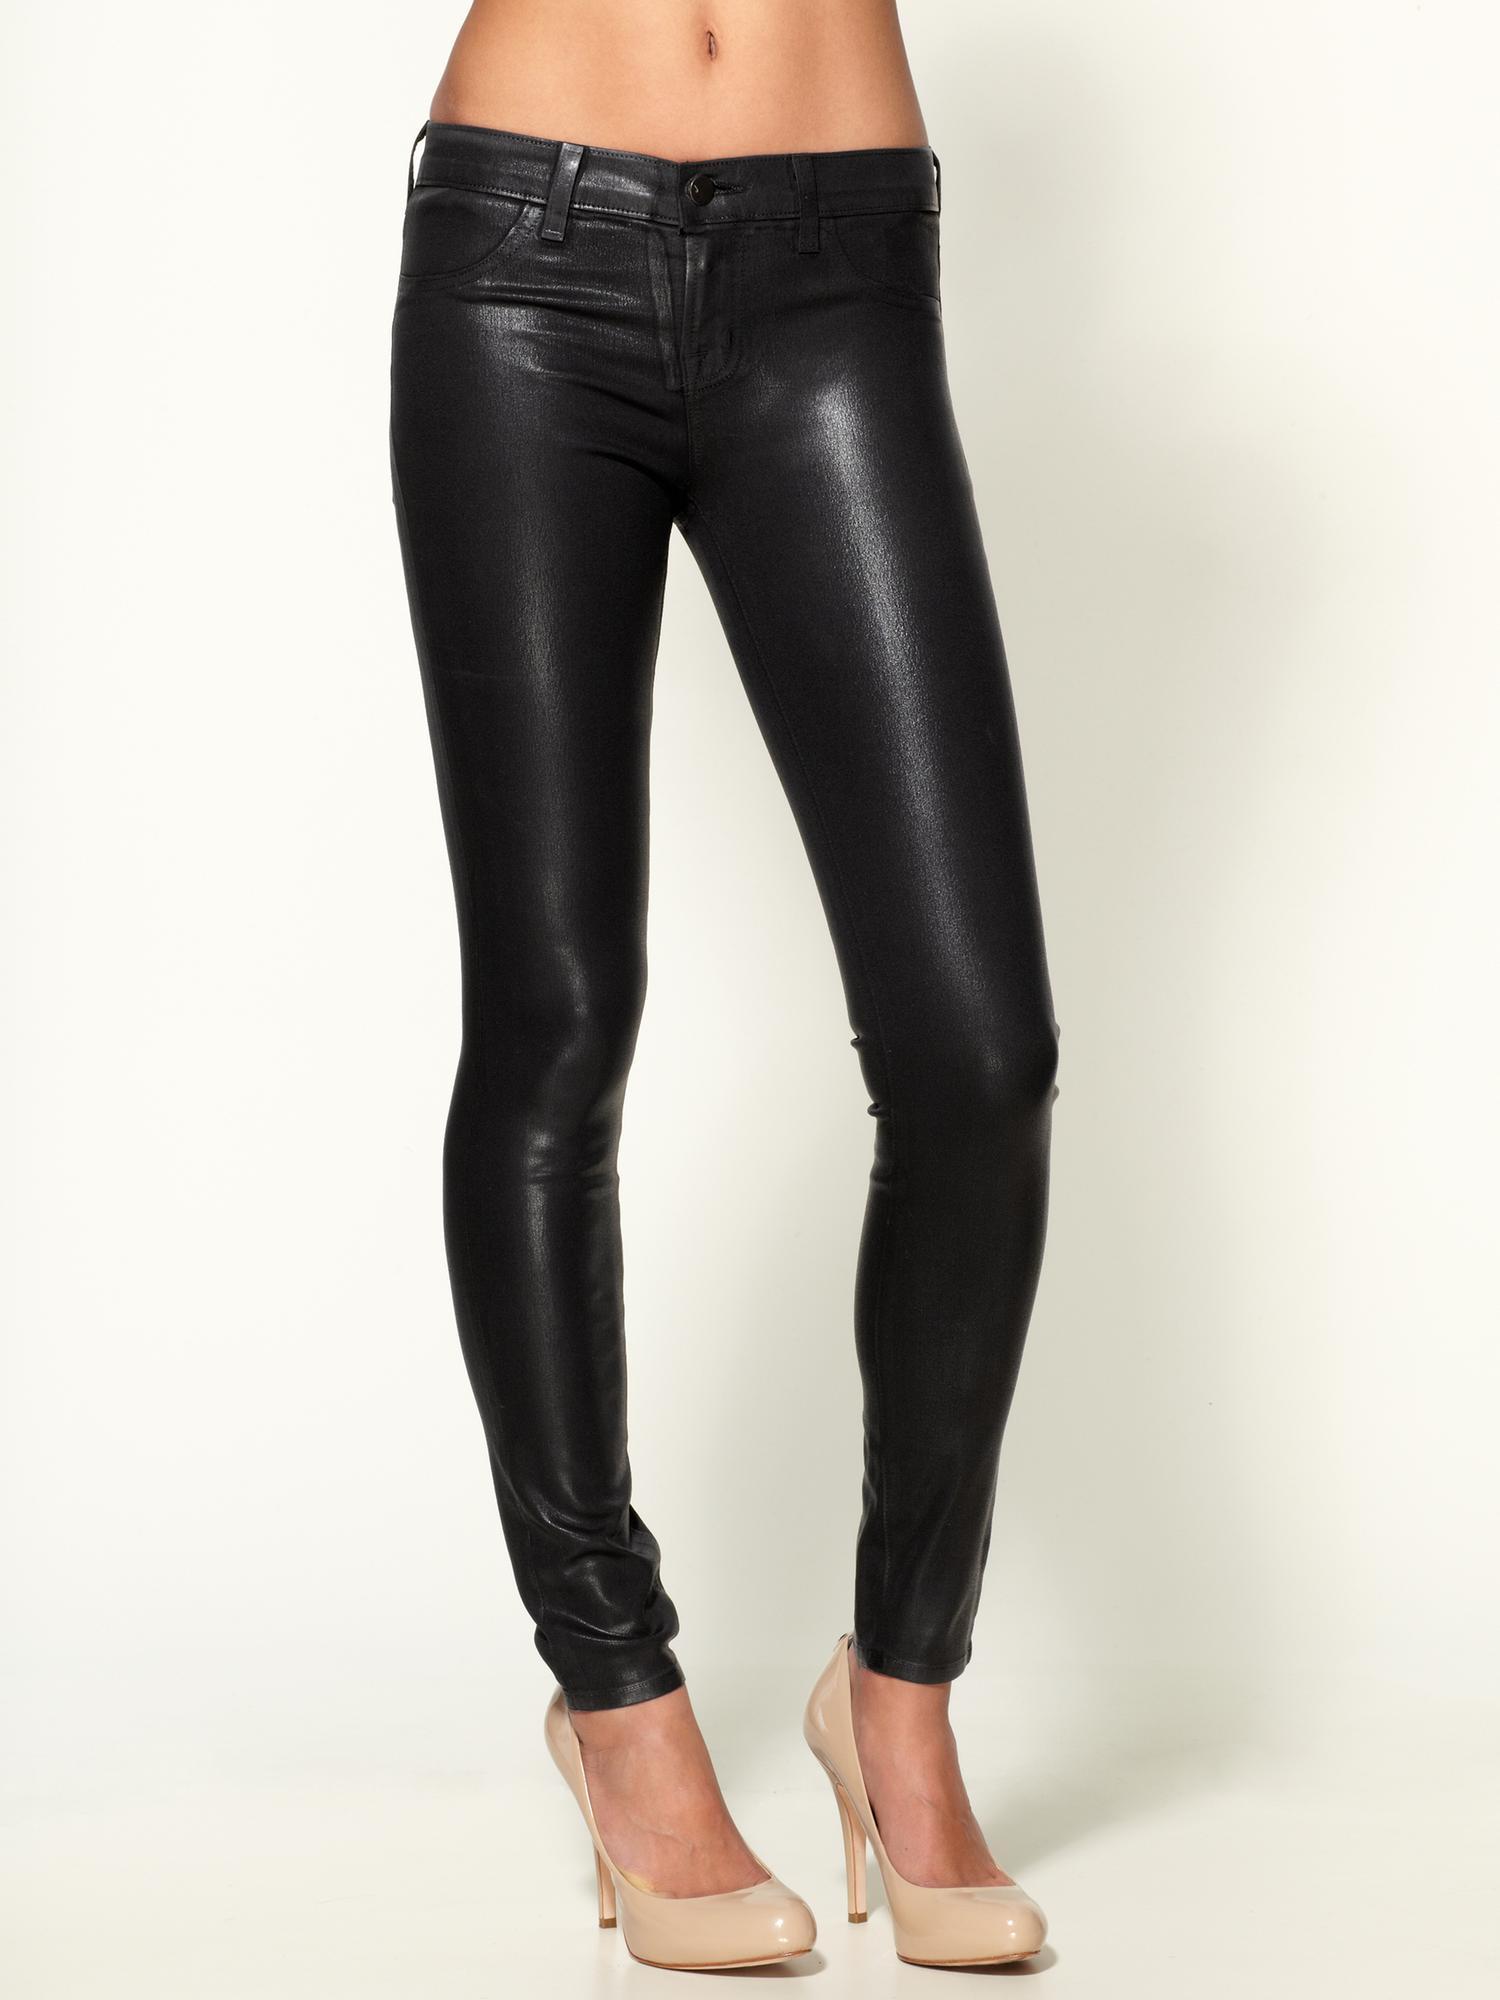 Wax coated jeans women